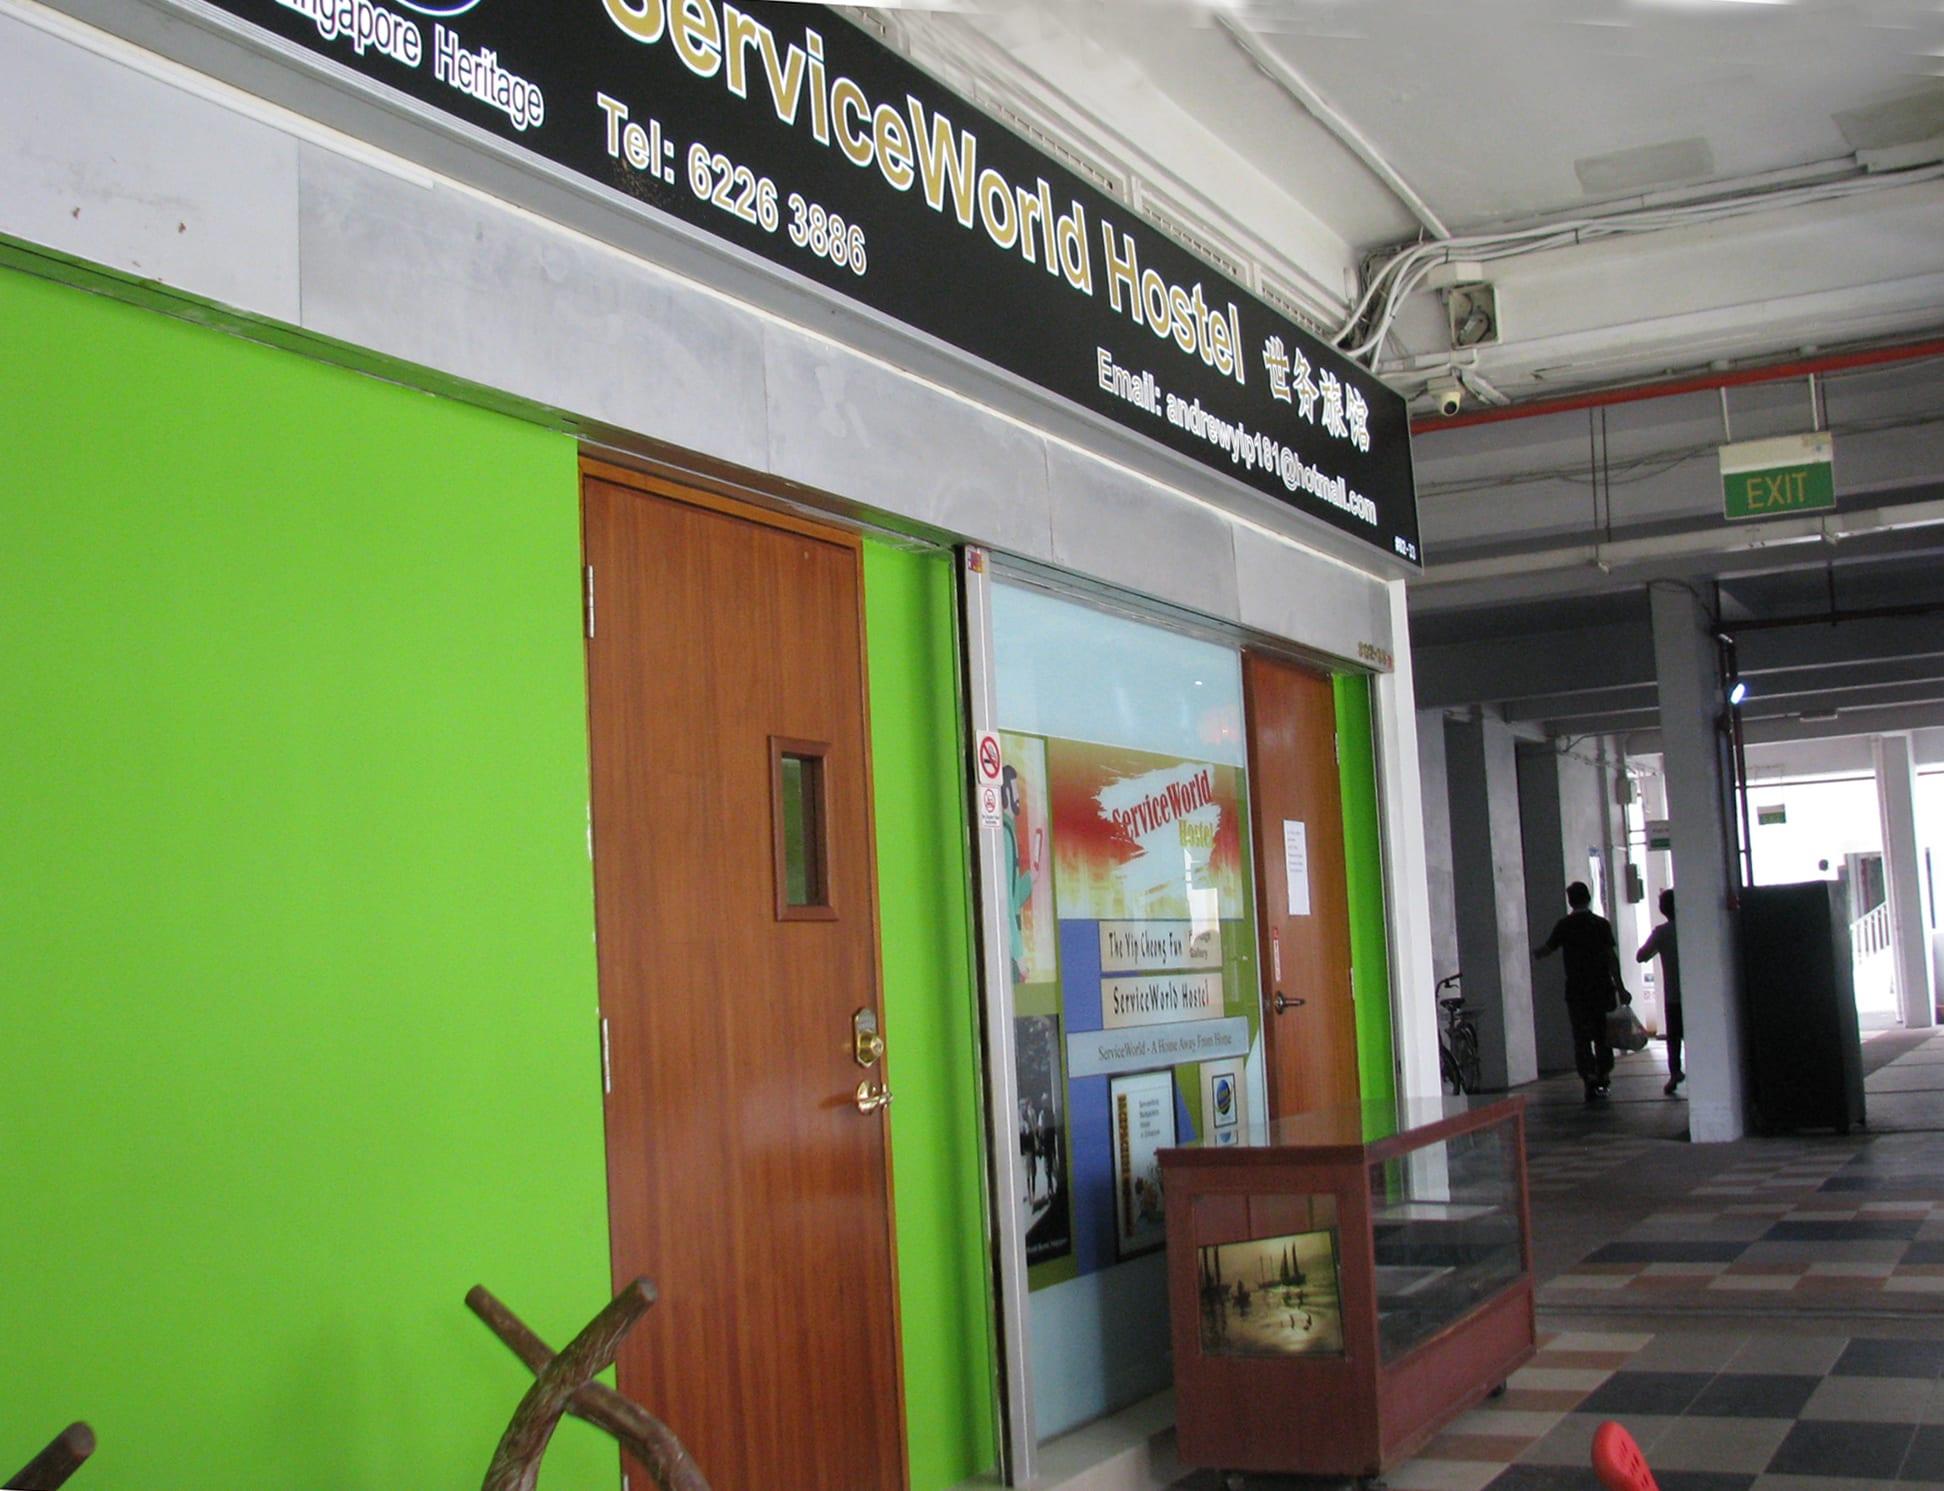 HOSTEL - ServiceWorld Hostel